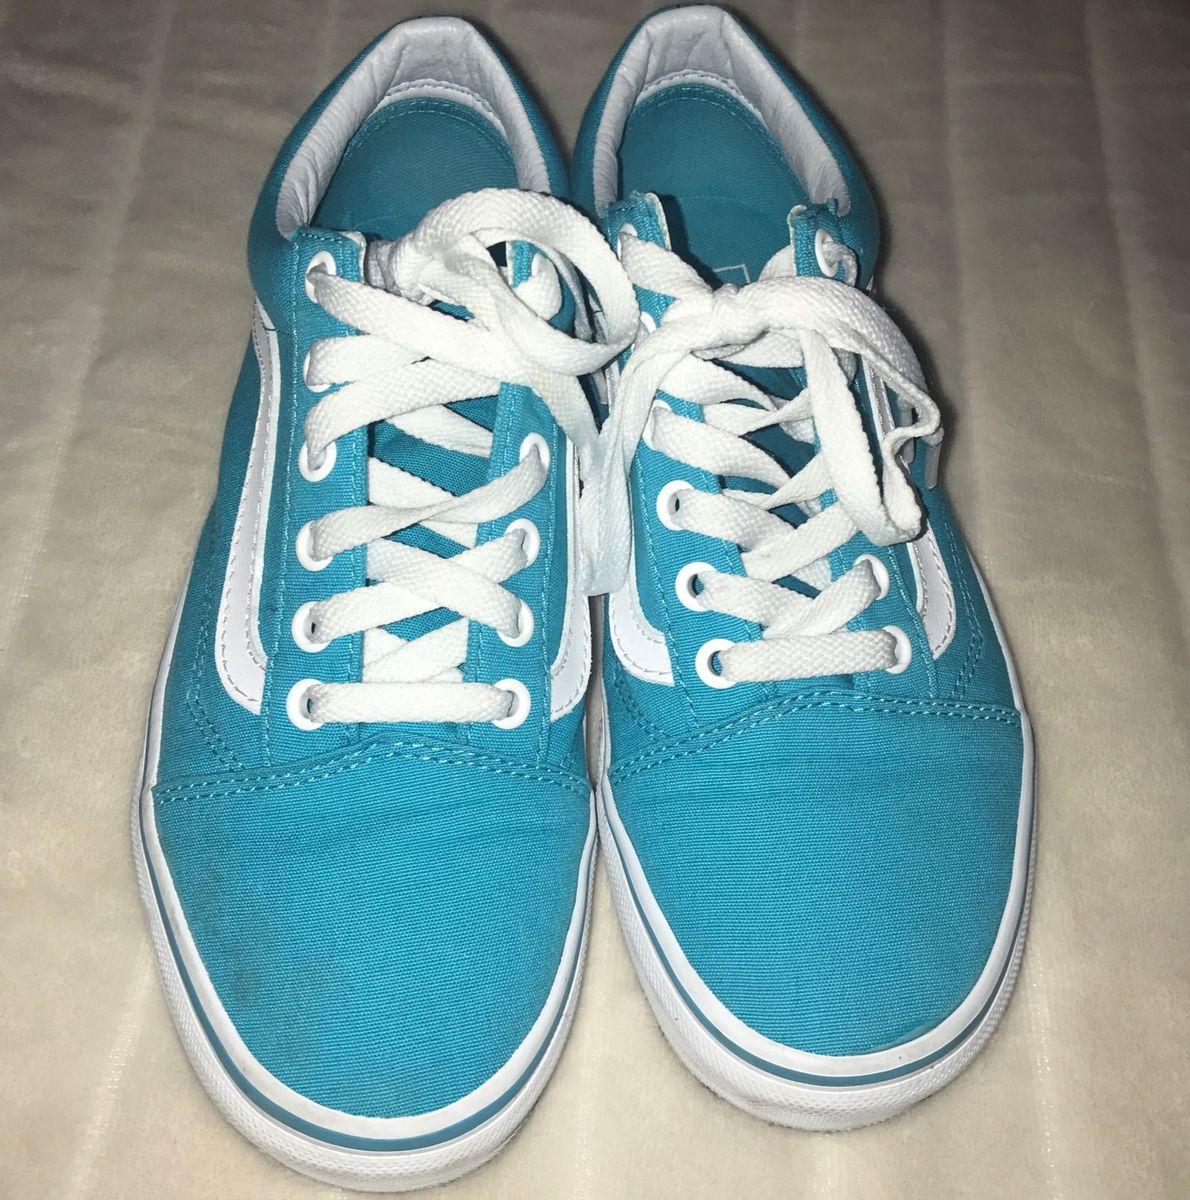 feca4510429 tênis azul bebe da vans old skool - tênis vans.  Czm6ly9wag90b3muzw5qb2vplmnvbs5ici9wcm9kdwn0cy85oda3otkvymnmogm0otu5ztazogvly2ywzme5mwjmnmu0yze5mtkuanbn  ...